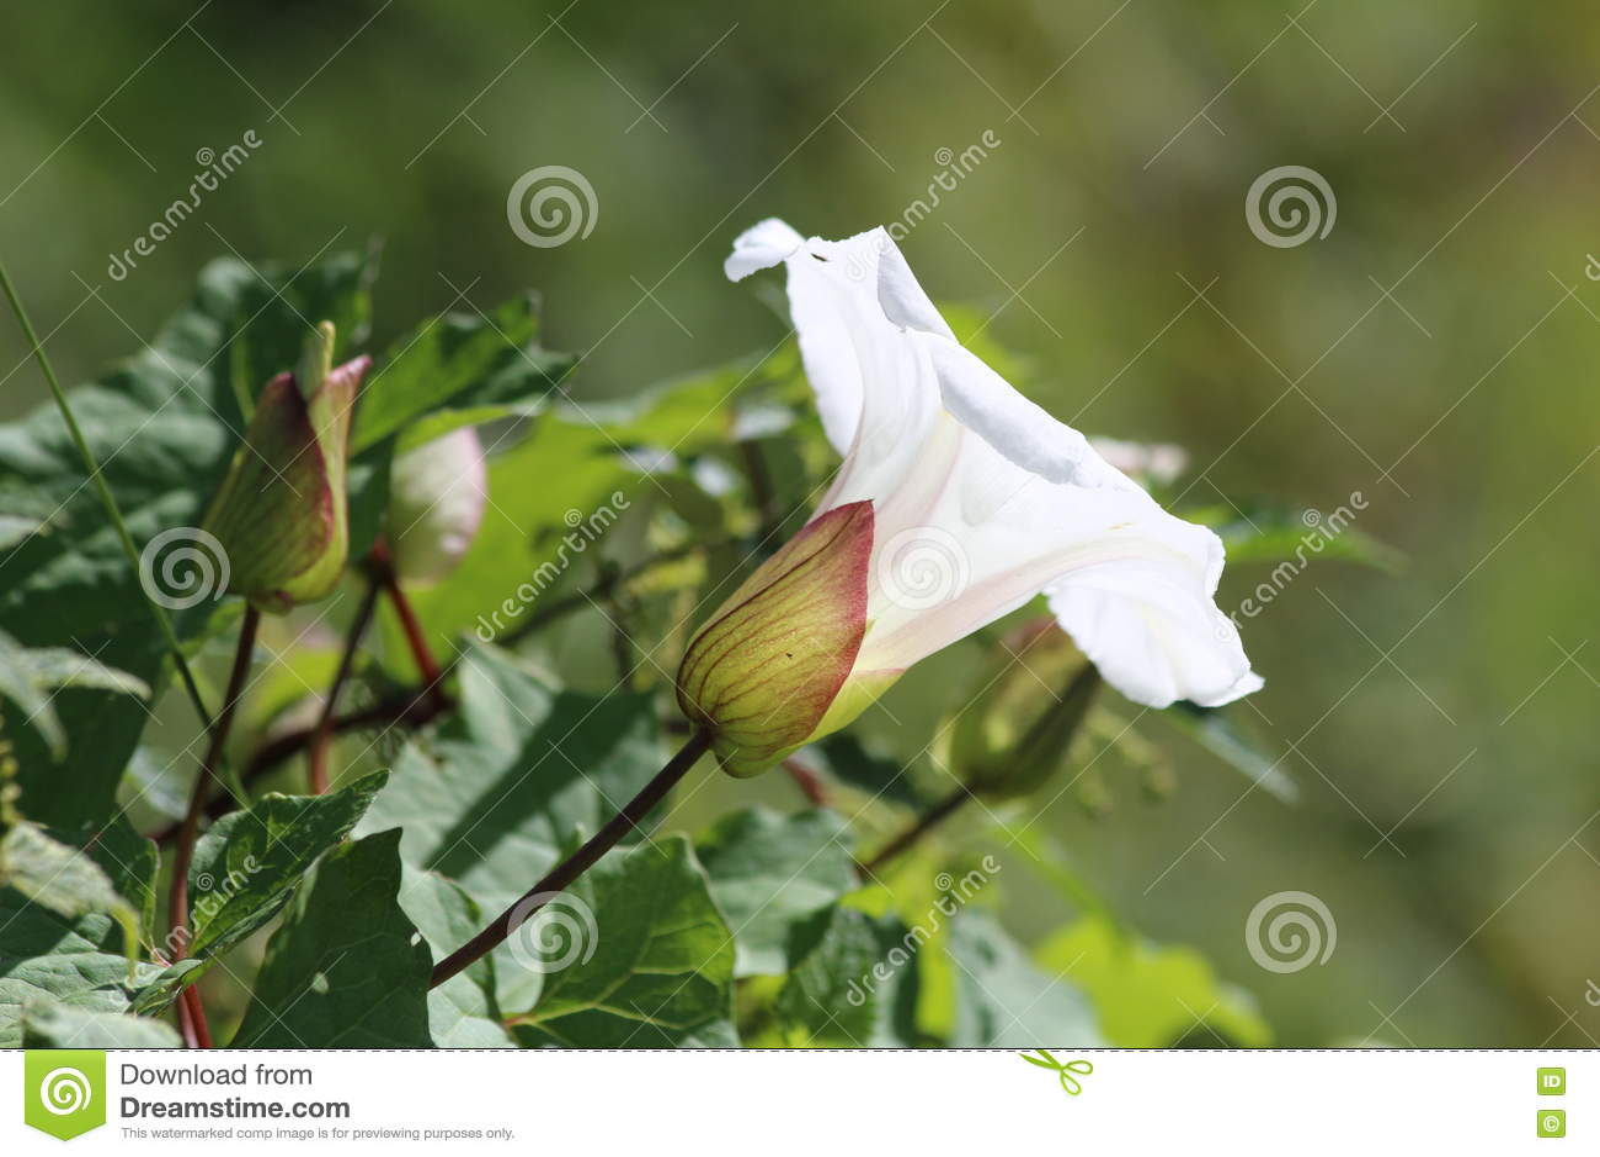 Fiore a forma di della tromba comune del convolvolo